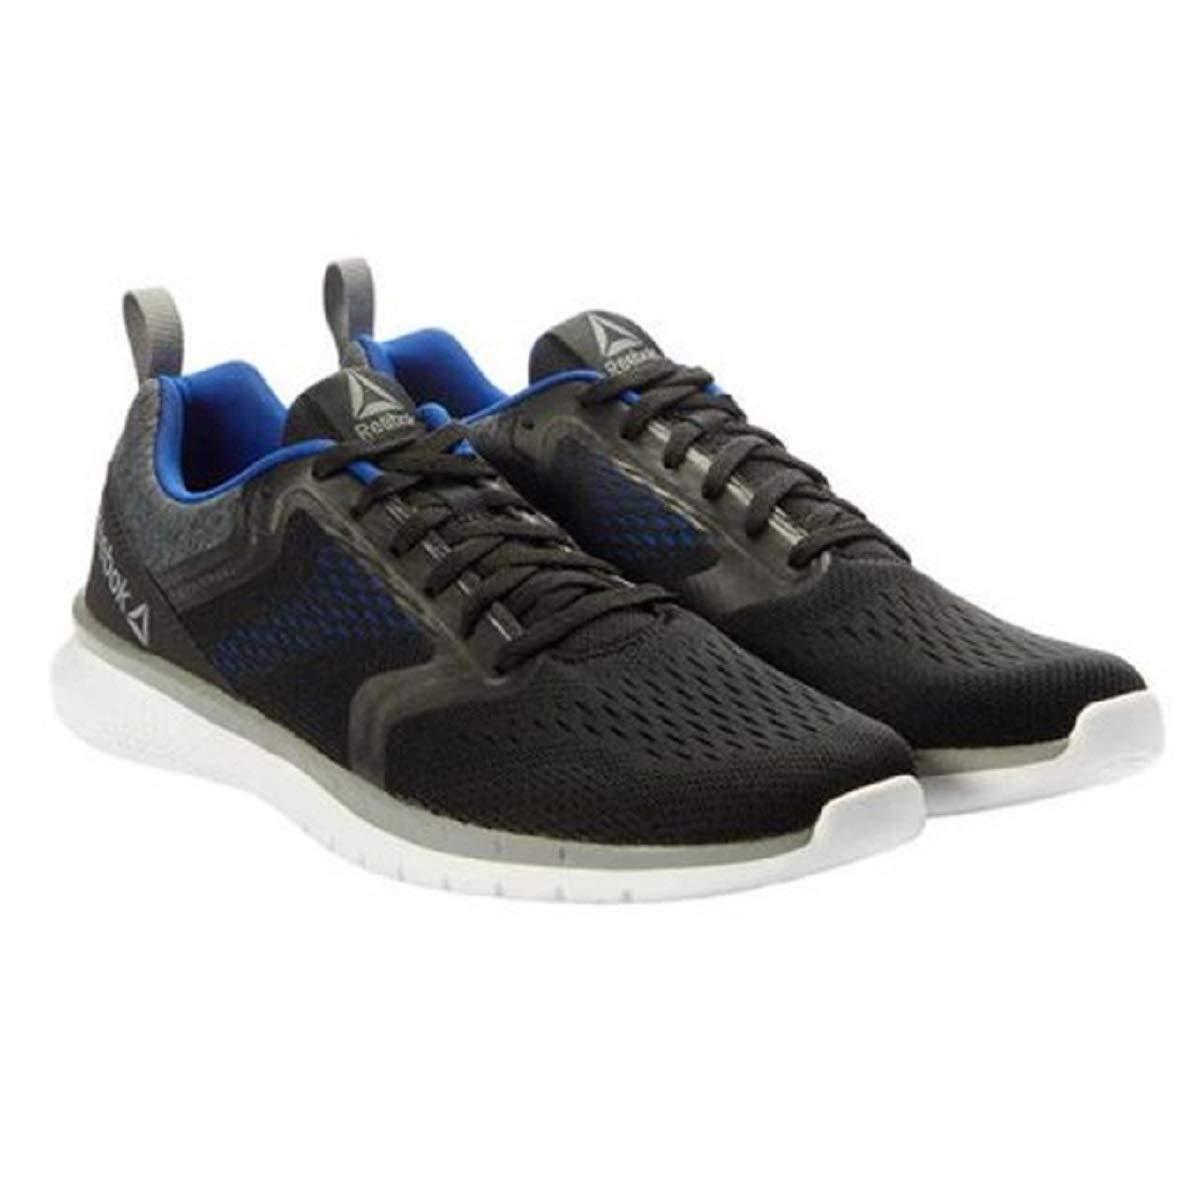 Reebok Men's PT Prime Runner Shoe 3.0